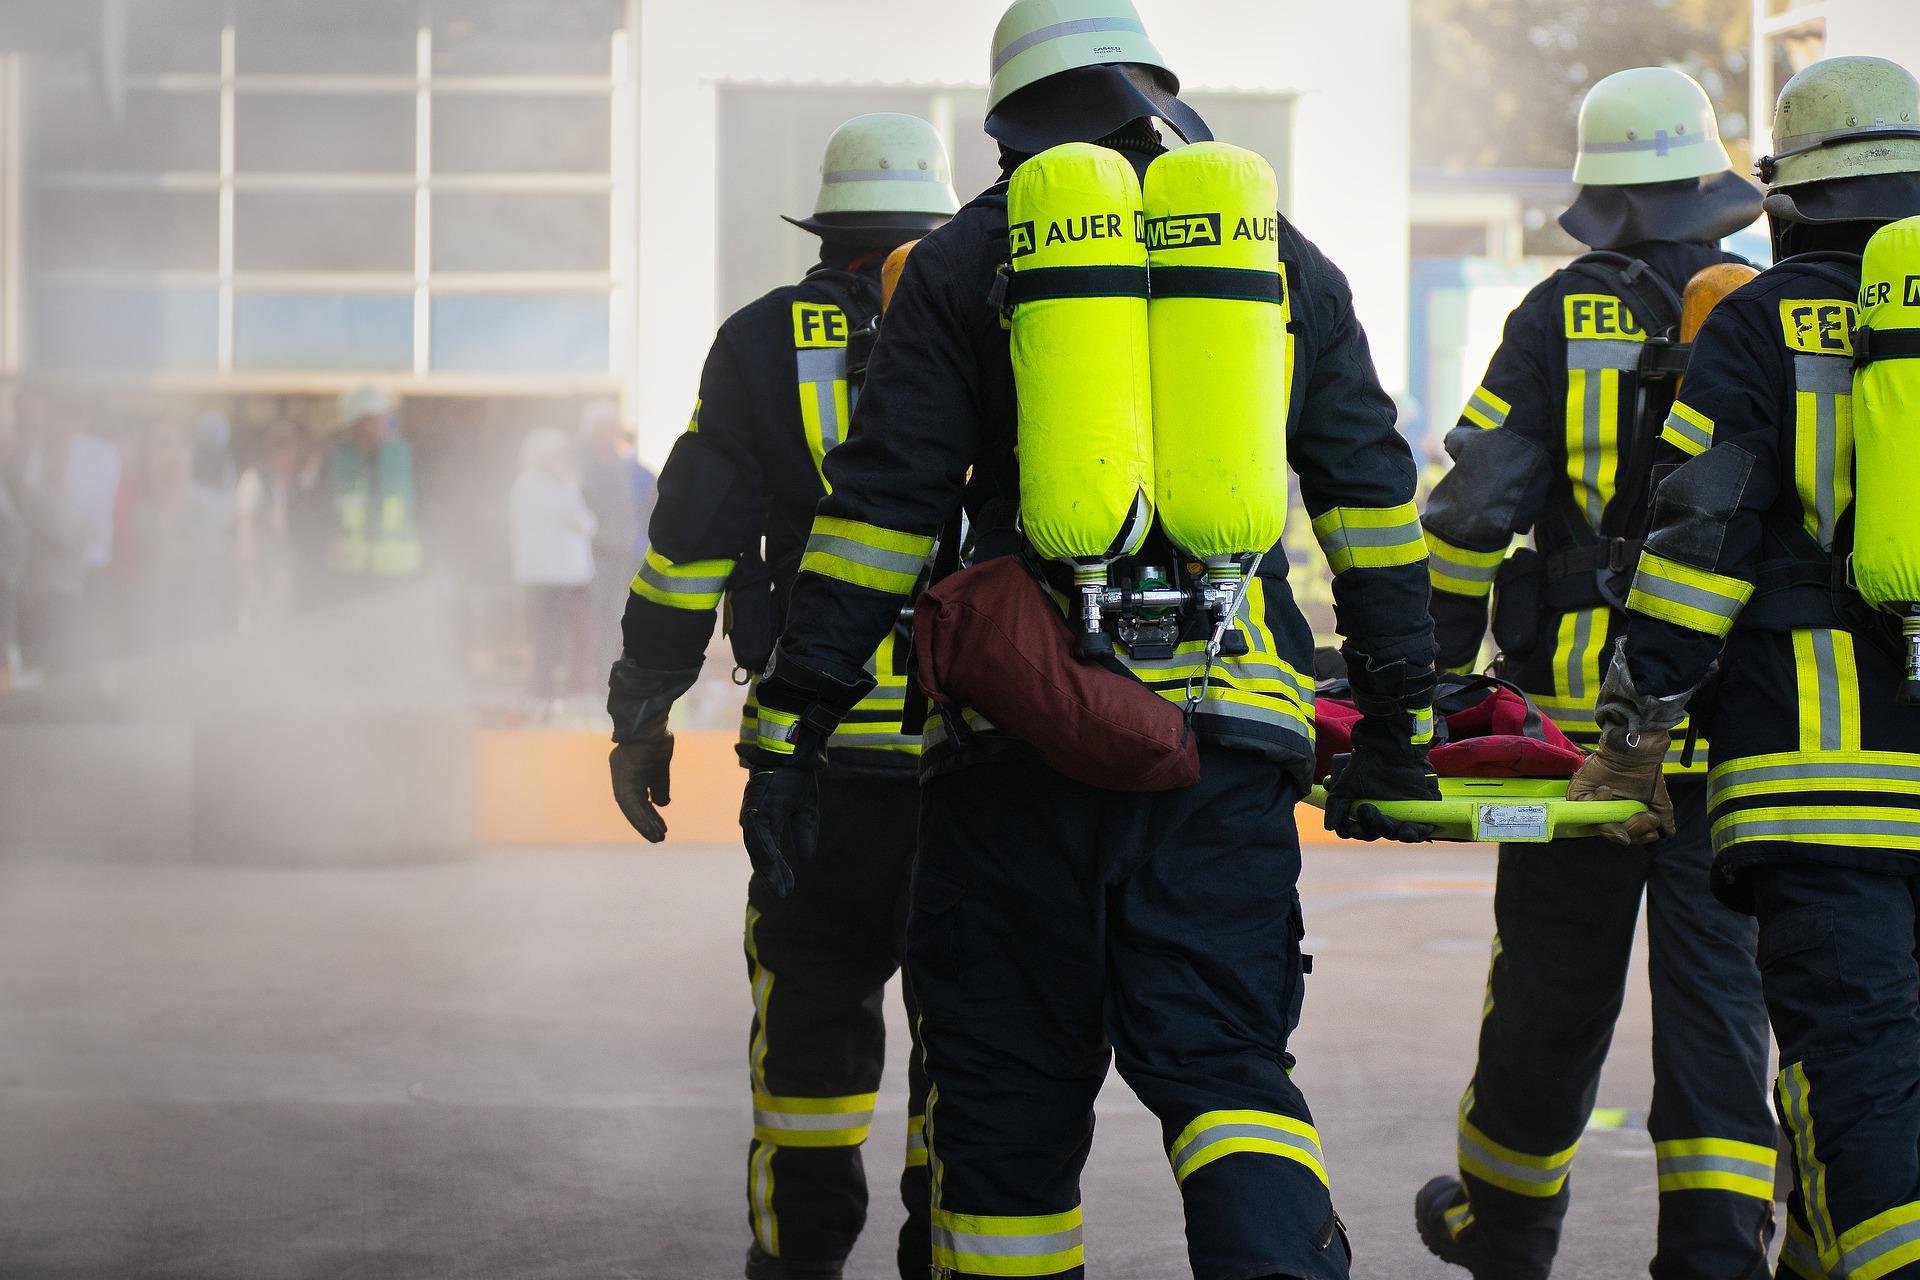 Sicurezza sul lavoro, è obbligo del datore di lavoro compilare il documento di valutazione rischi